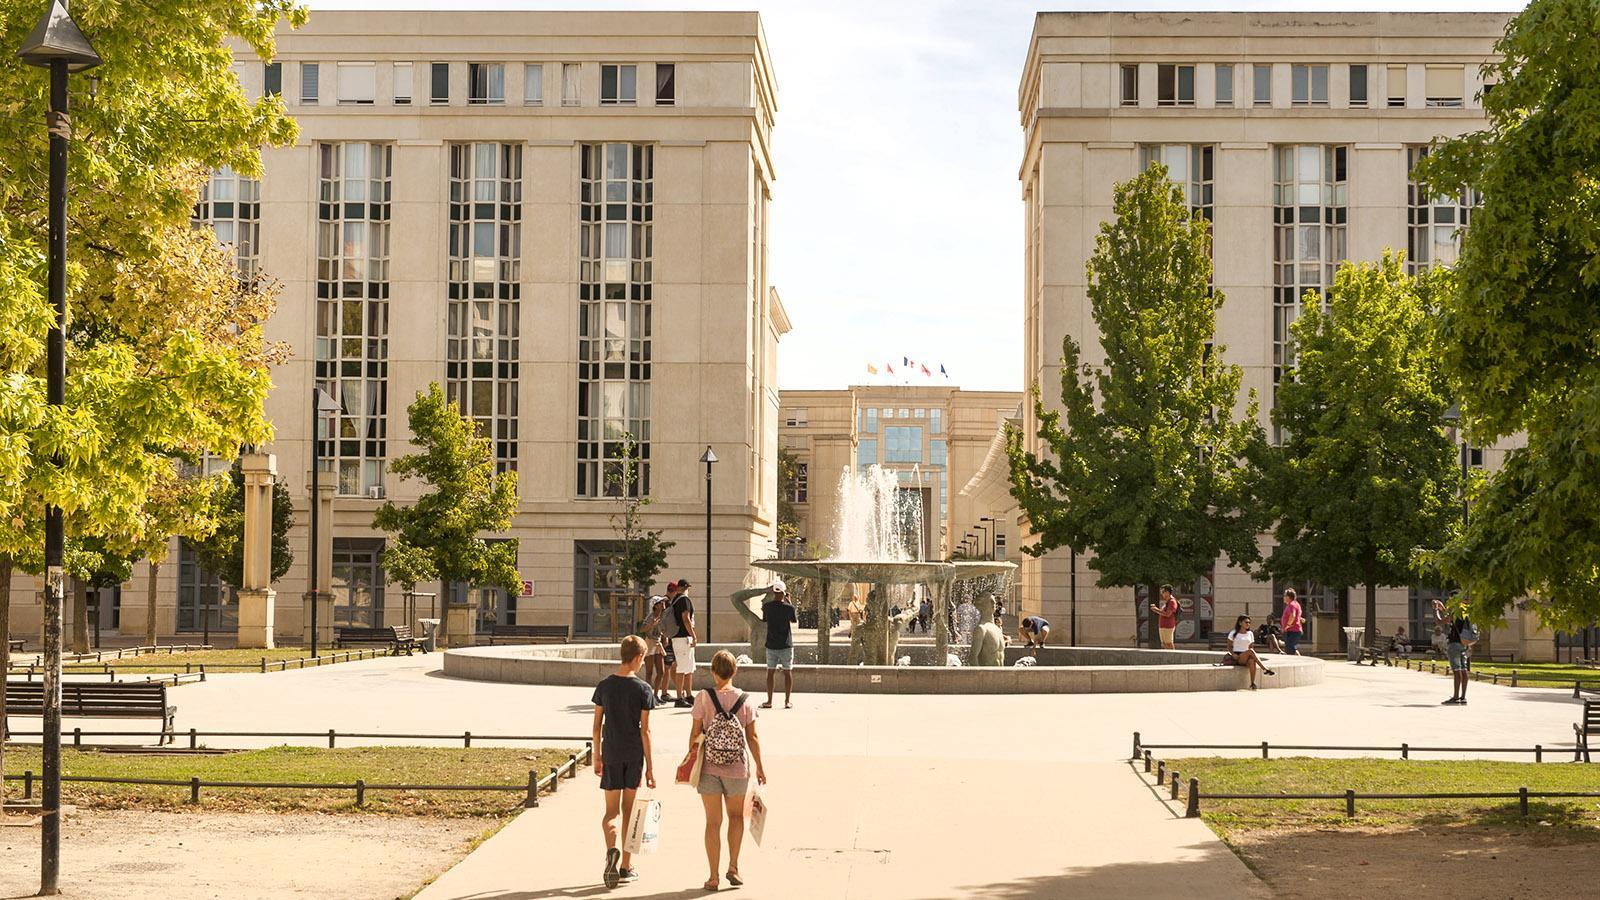 Im Antigone-Viertel von Montpellier. Foto: Hilke Maunder